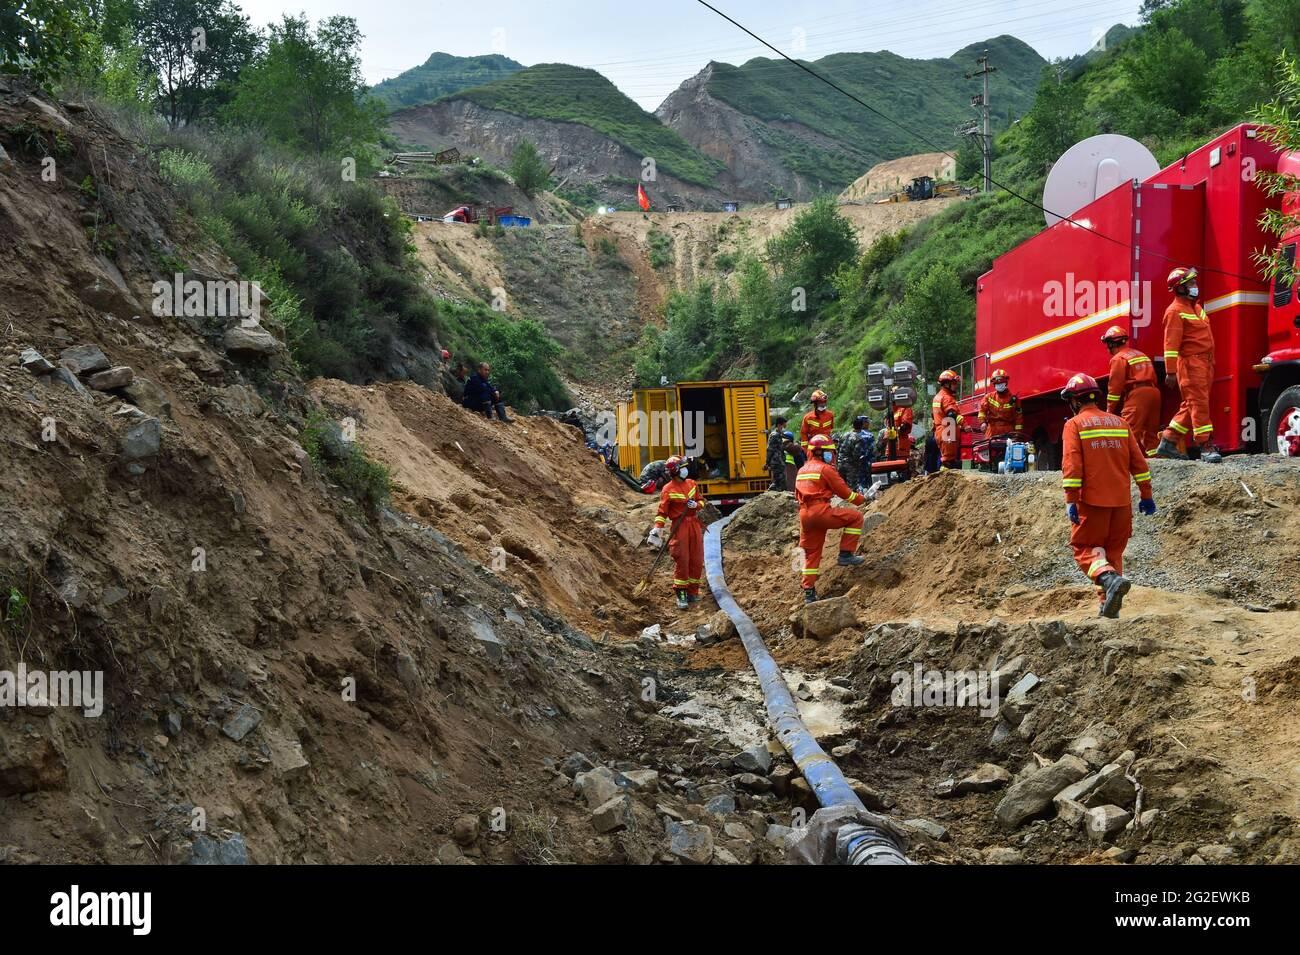 Daixian, Chinas Provinz Shanxi. Juni 2021. Rettungskräfte arbeiten am Unfallort einer Überschwemmung einer Eisenmine im Bezirk Daixian, nordchinesische Provinz Shanxi, 11. Juni 2021. 13 Menschen wurden in einer Eisengine in der nordchinesischen Provinz Shanxi gefangen gehalten, sagten die lokalen Behörden am Donnerstag.die Rettungsarbeiten sind im Gange. Quelle: Chai Ting/Xinhua/Alamy Live News Stockfoto